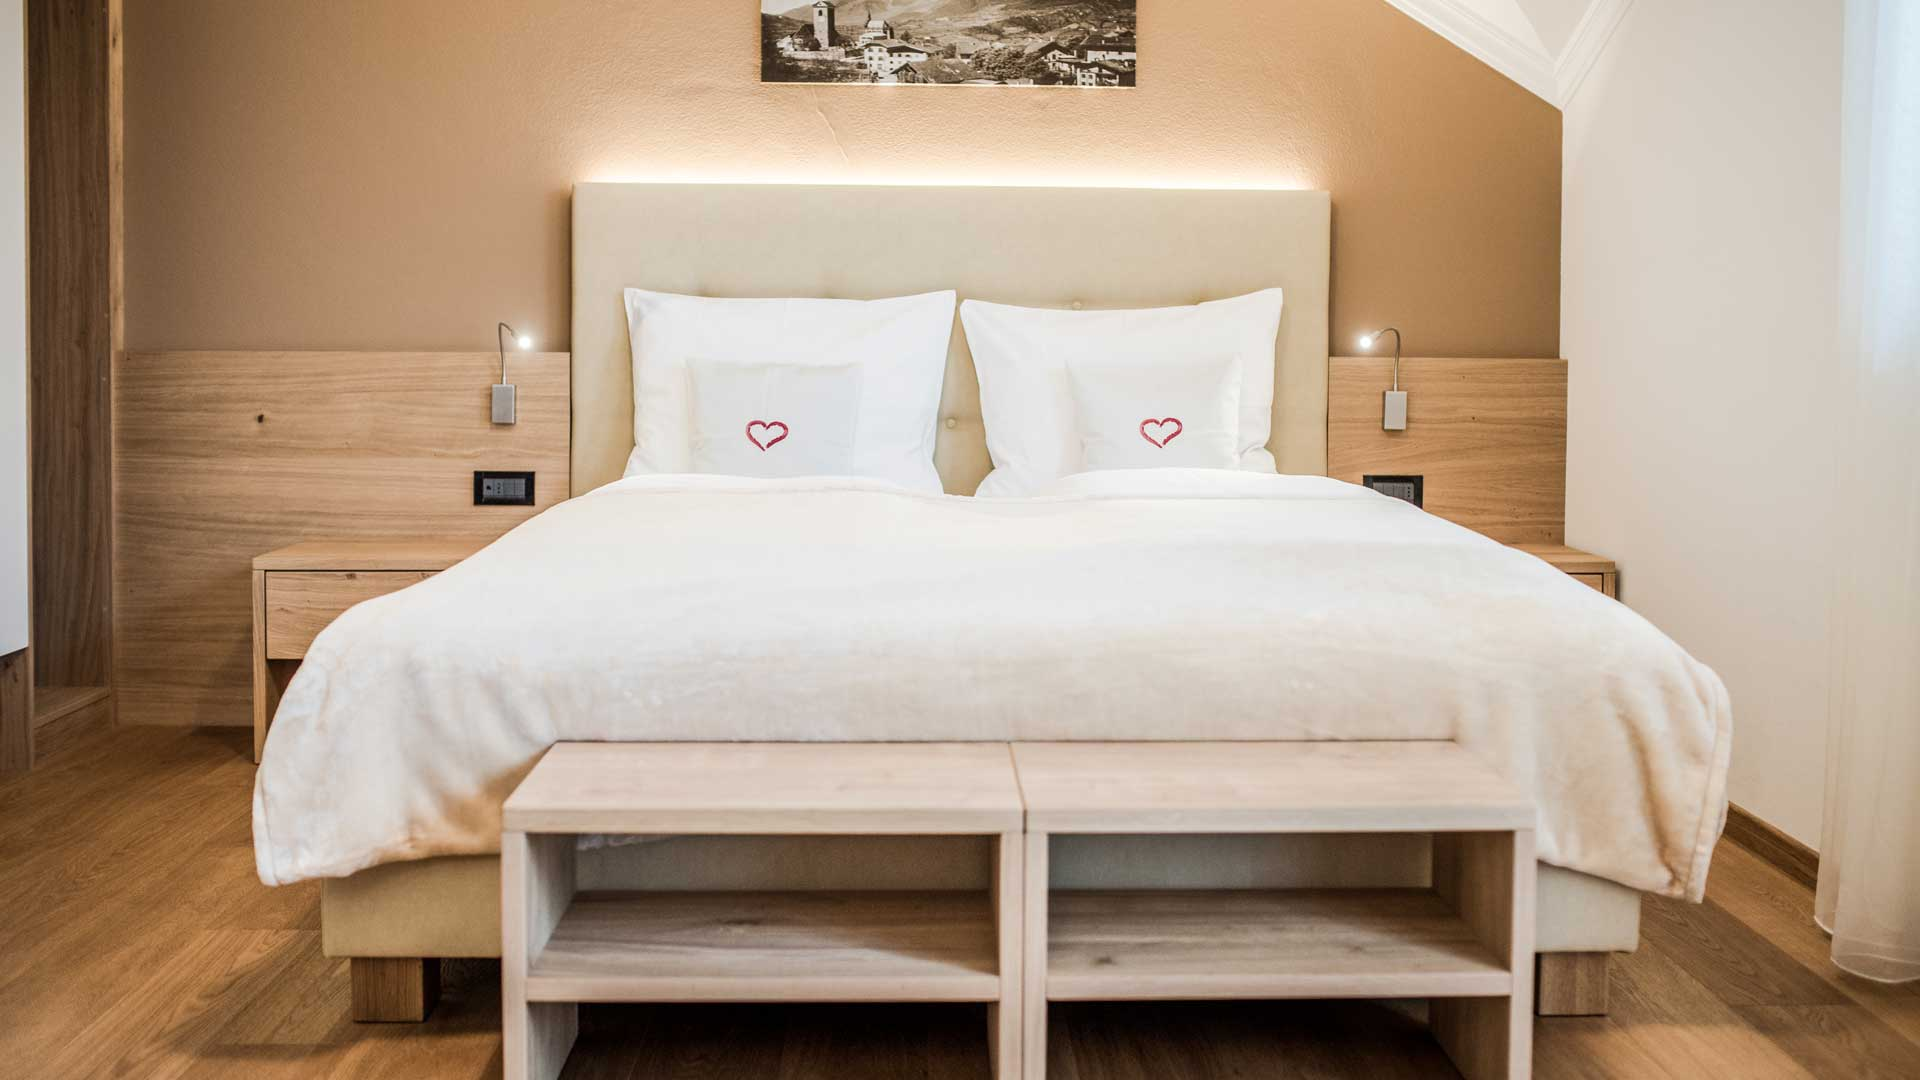 wohnen in schenna bei meran hotel alpenrose. Black Bedroom Furniture Sets. Home Design Ideas